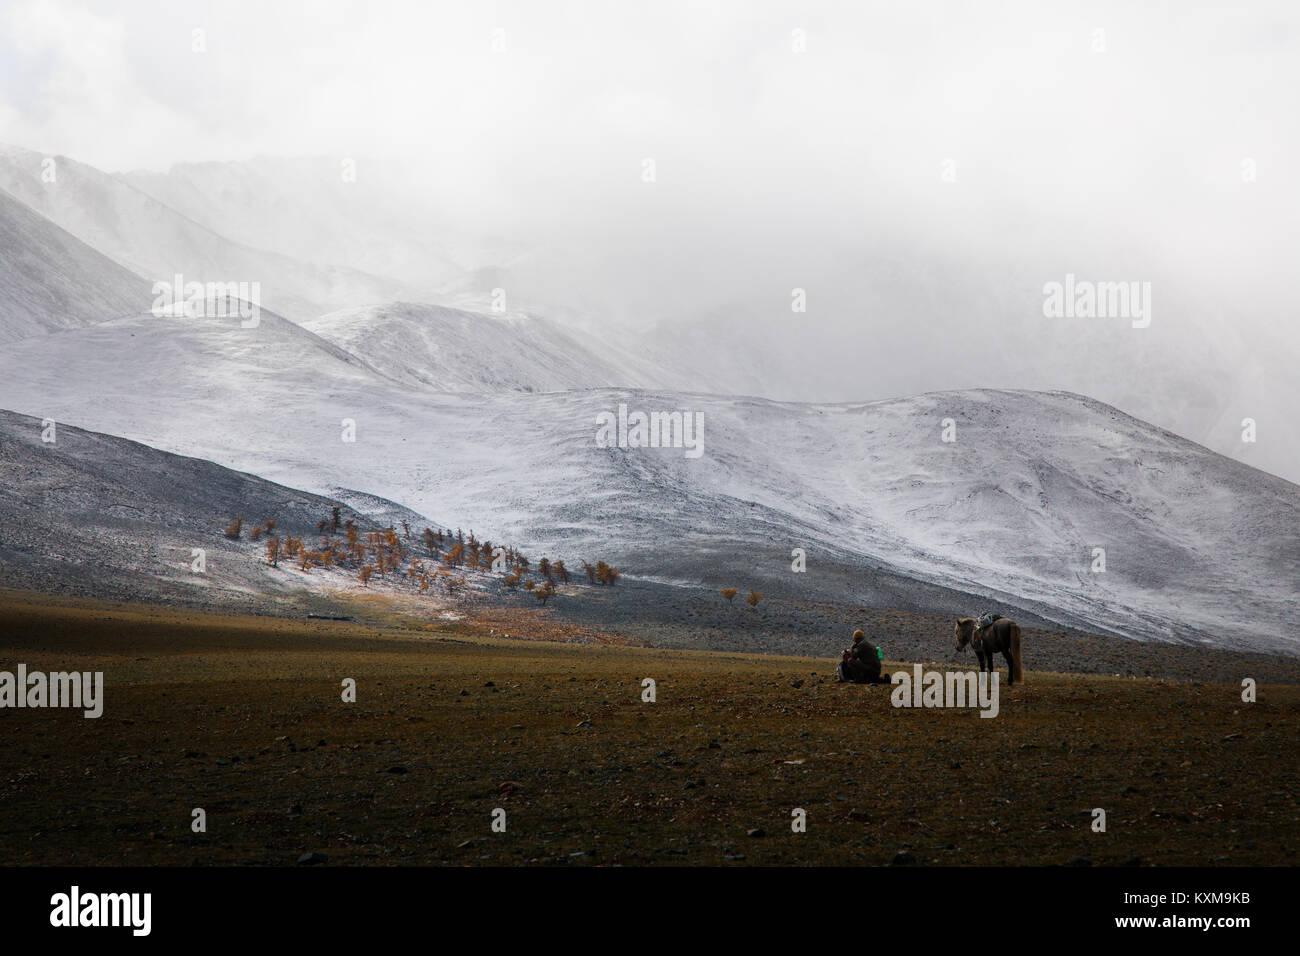 Goat keeper shepherd horse rider les montagnes enneigées de l'hiver mongol au repos Photo Stock